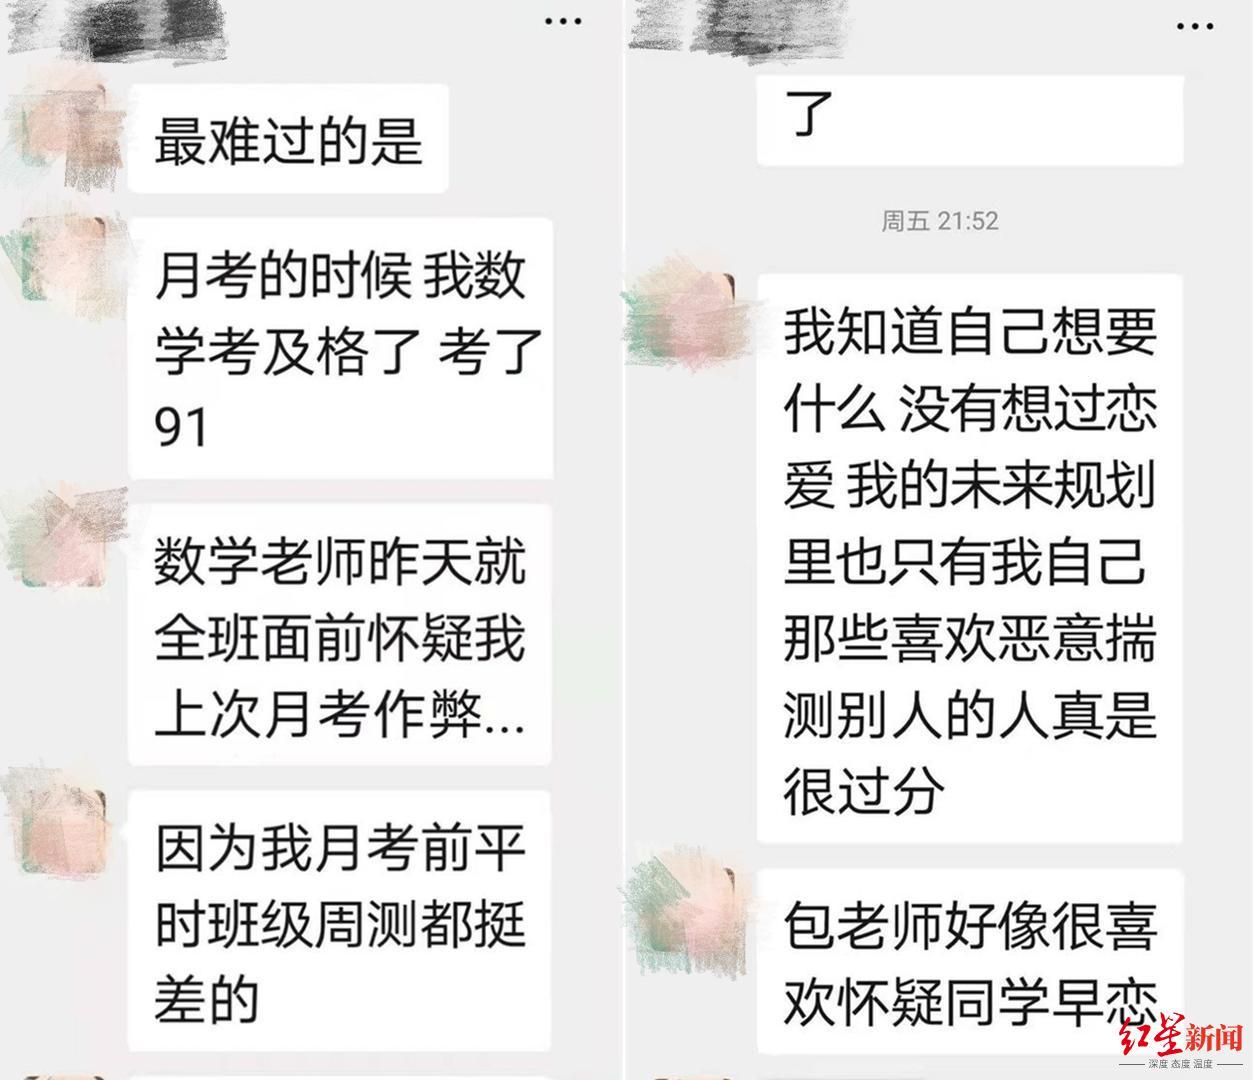 """上海一高三女生留遗书后溺亡,生前曾称被老师怀疑""""早恋""""""""作弊""""(图5)"""